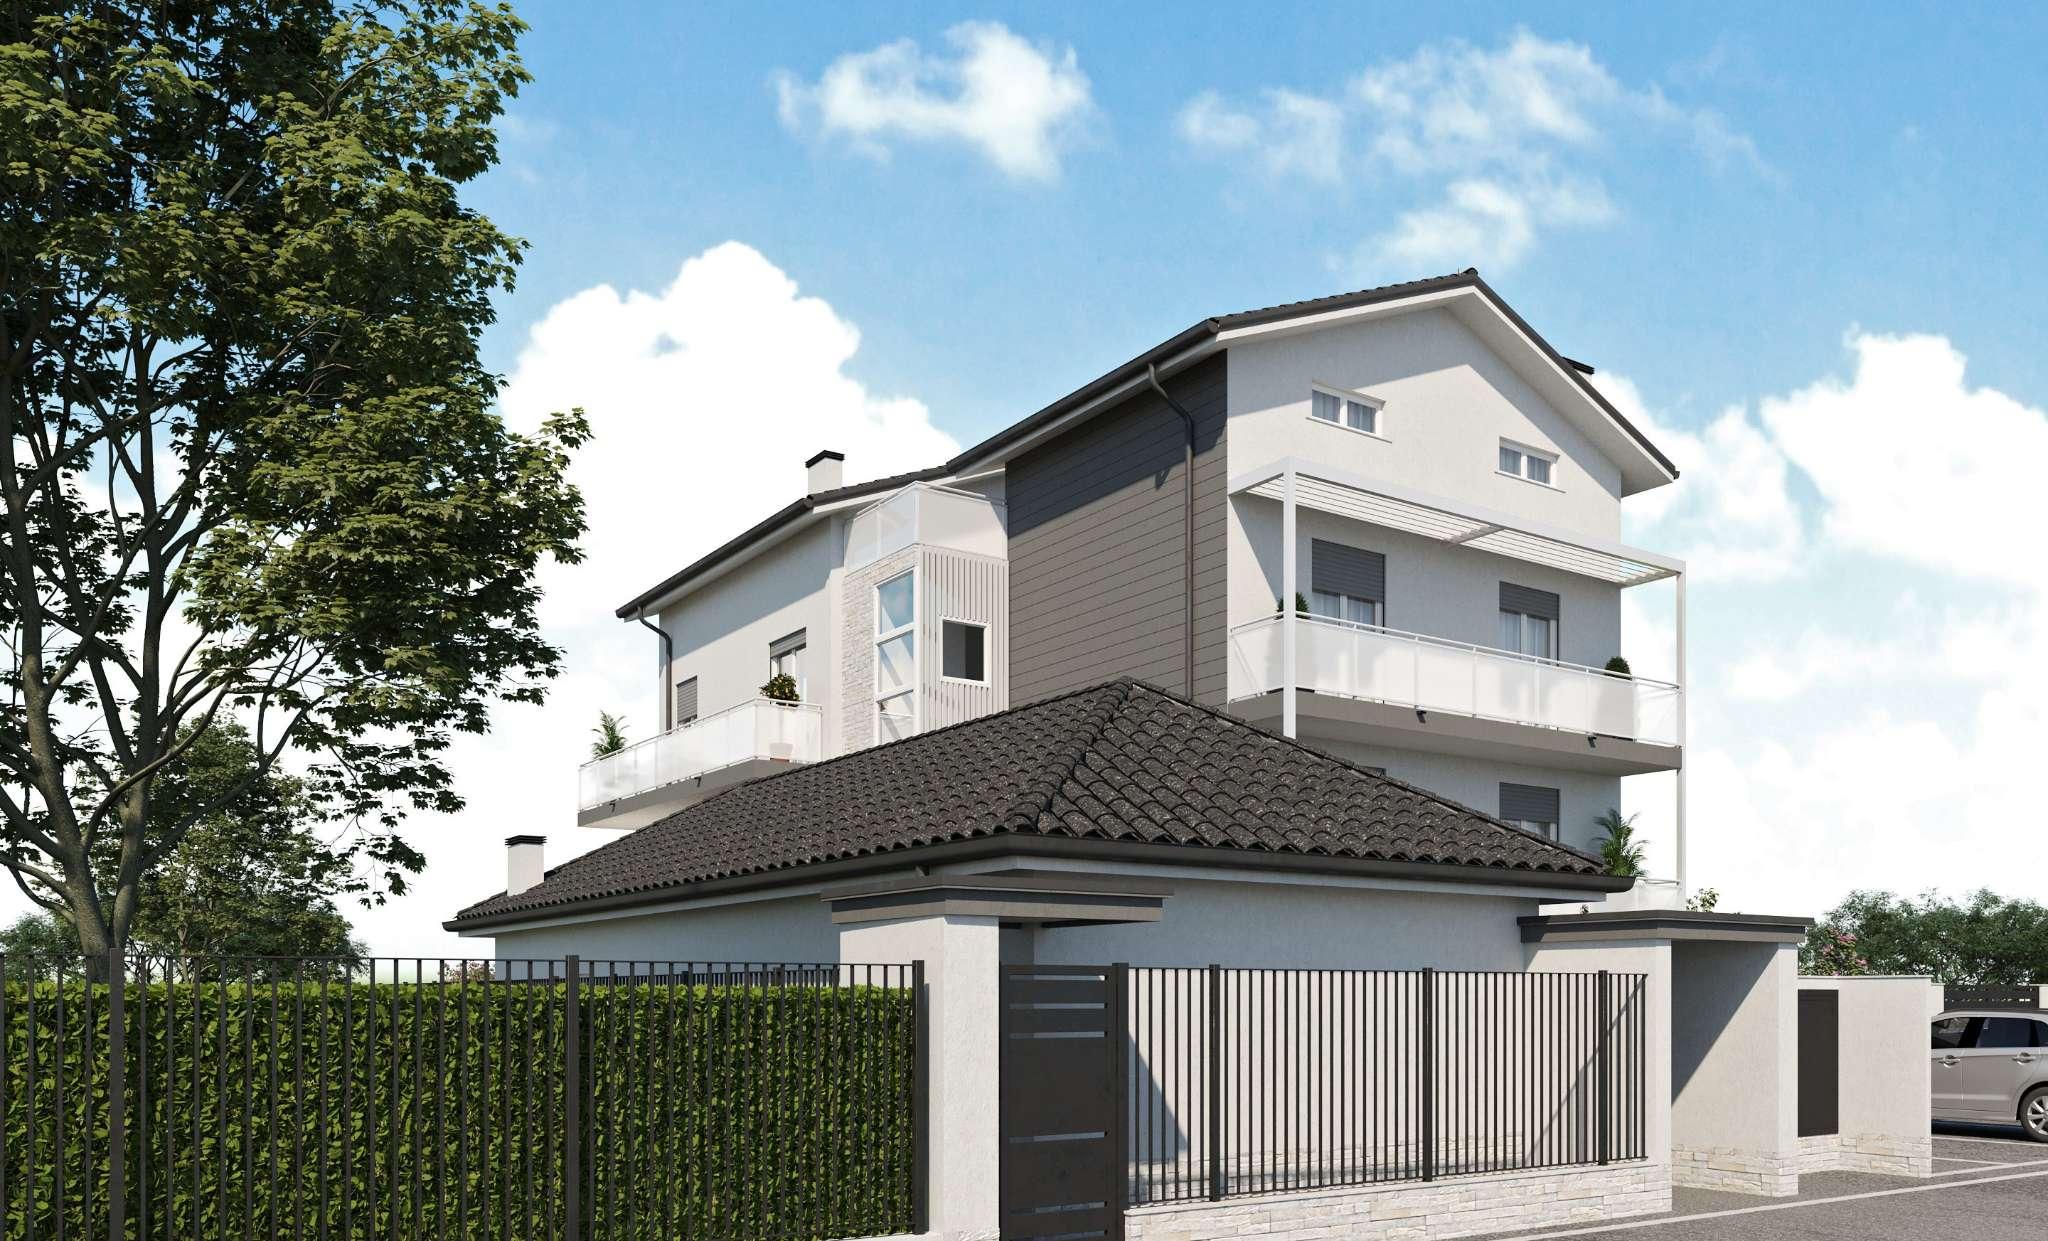 Appartamento in vendita a Cesano Maderno, 3 locali, prezzo € 160.000 | PortaleAgenzieImmobiliari.it